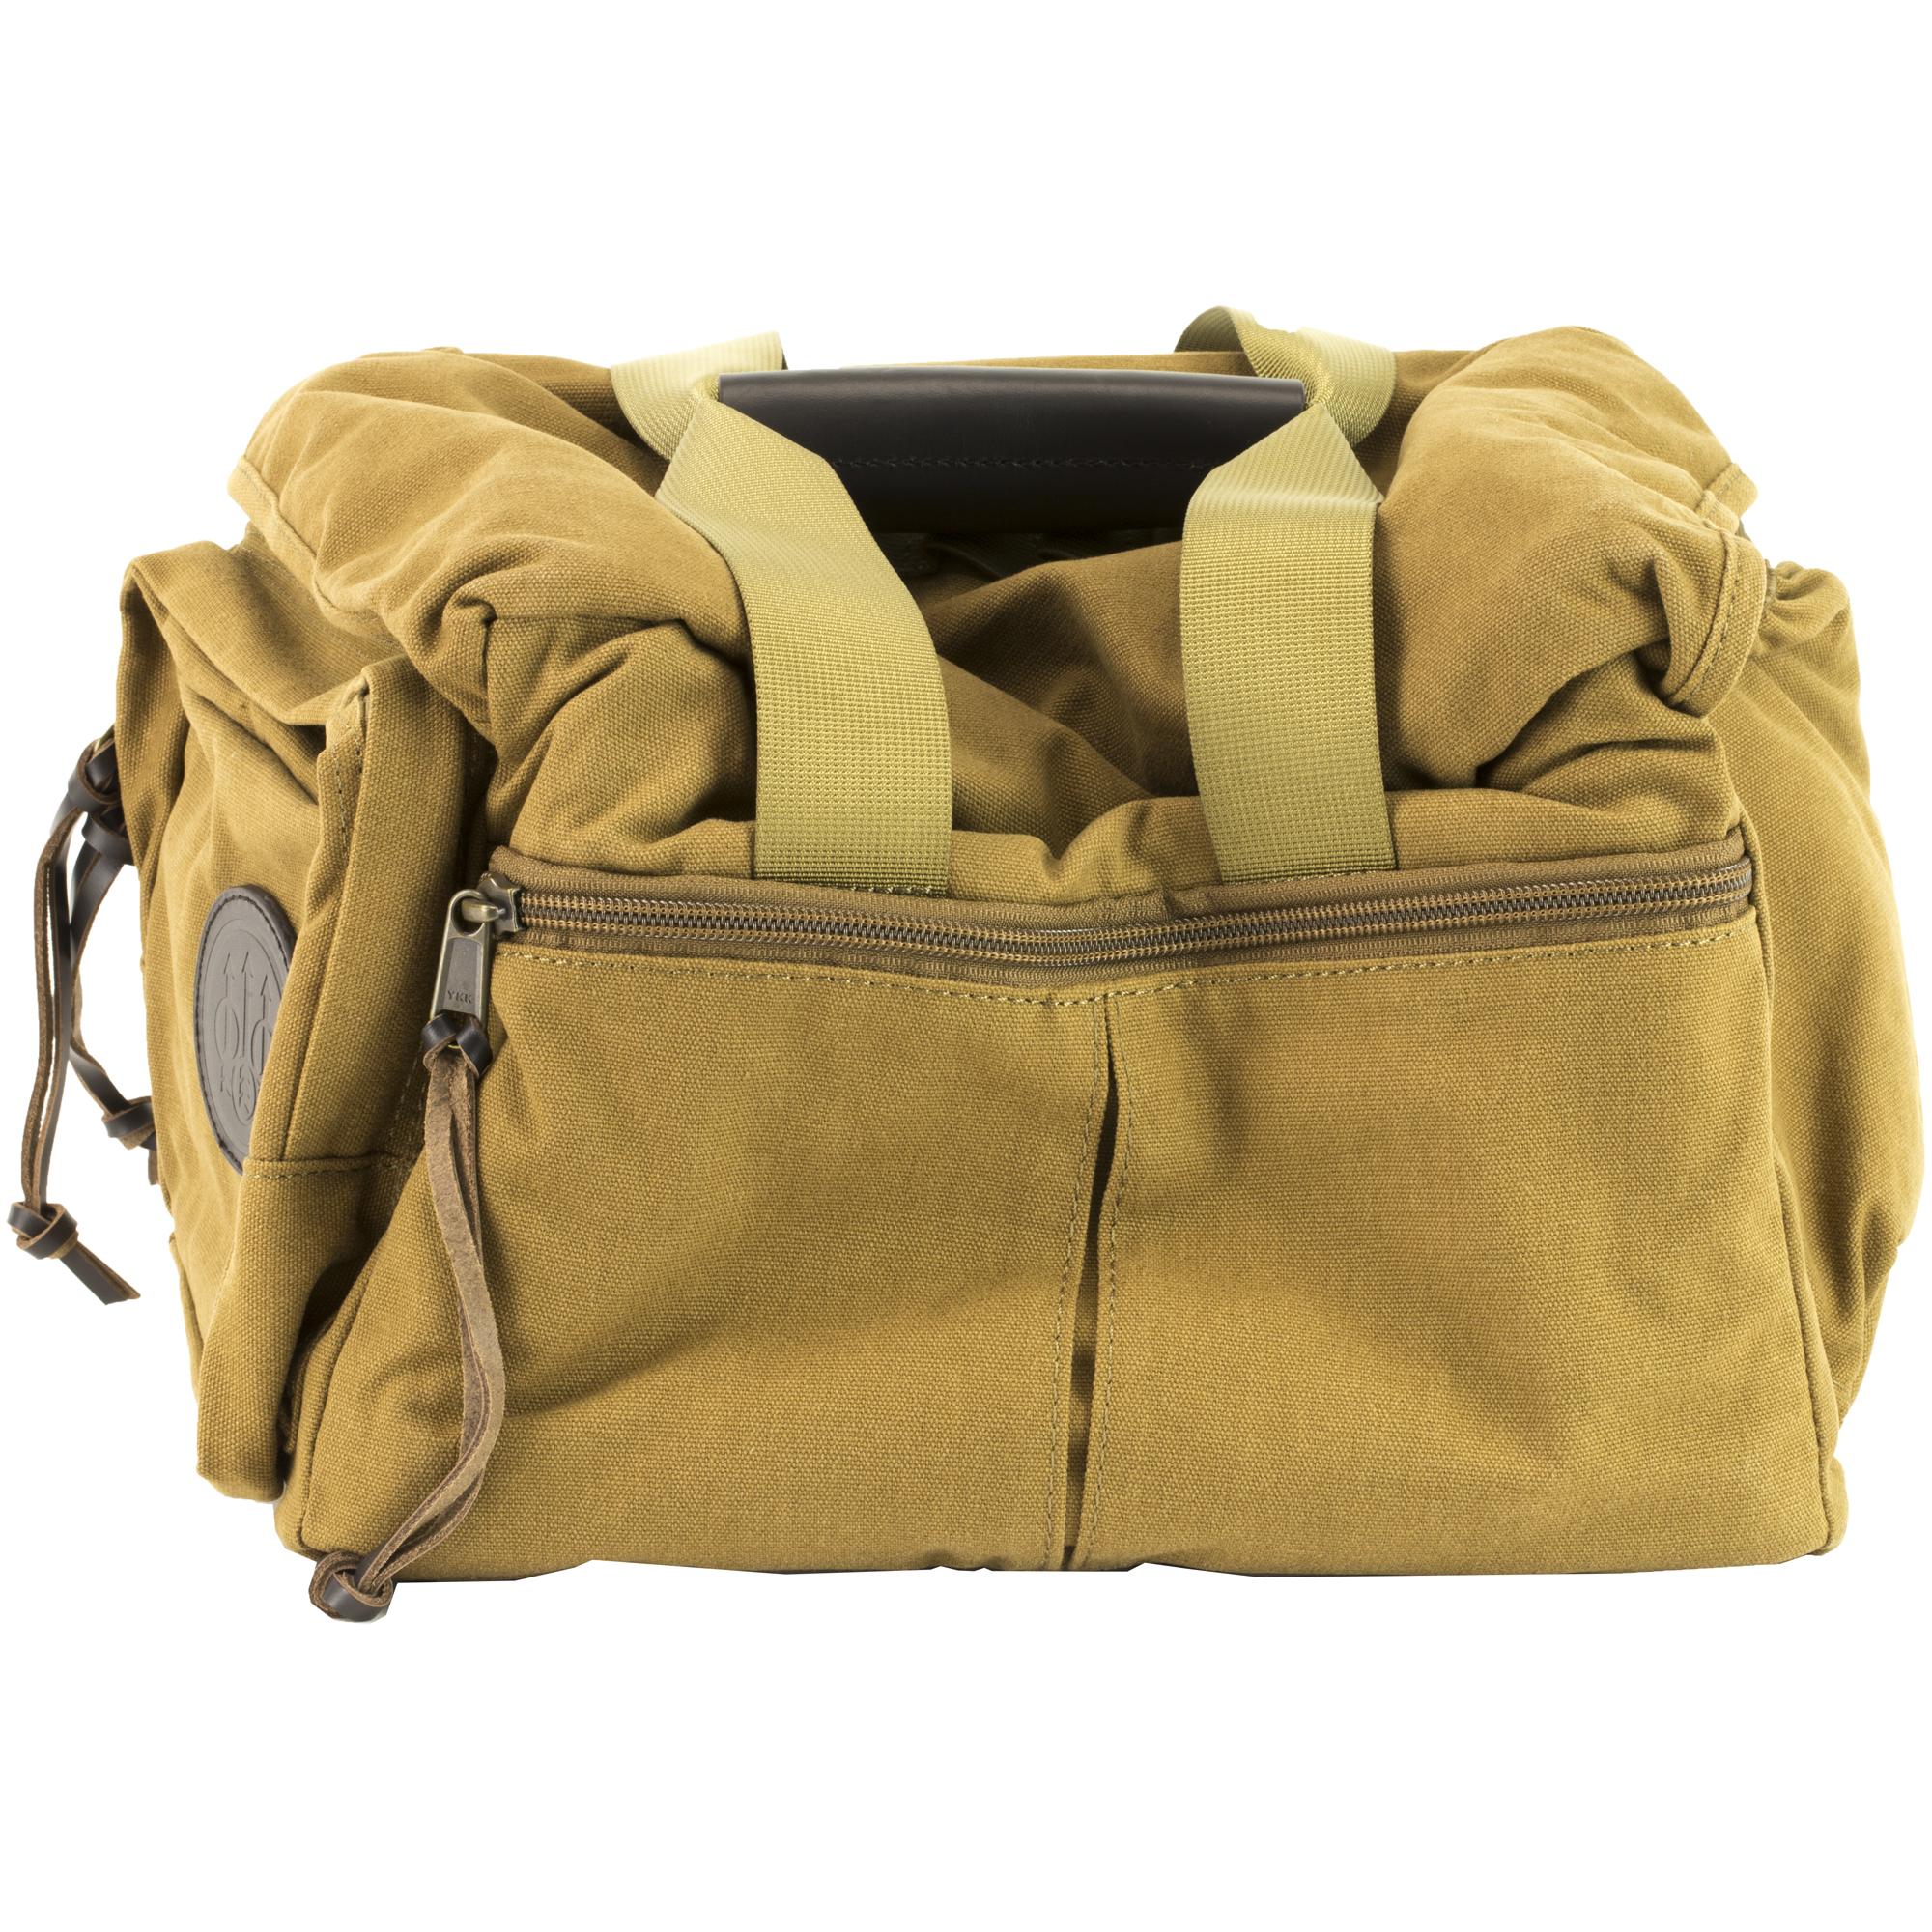 Beretta Waxwear Field Bag Fde